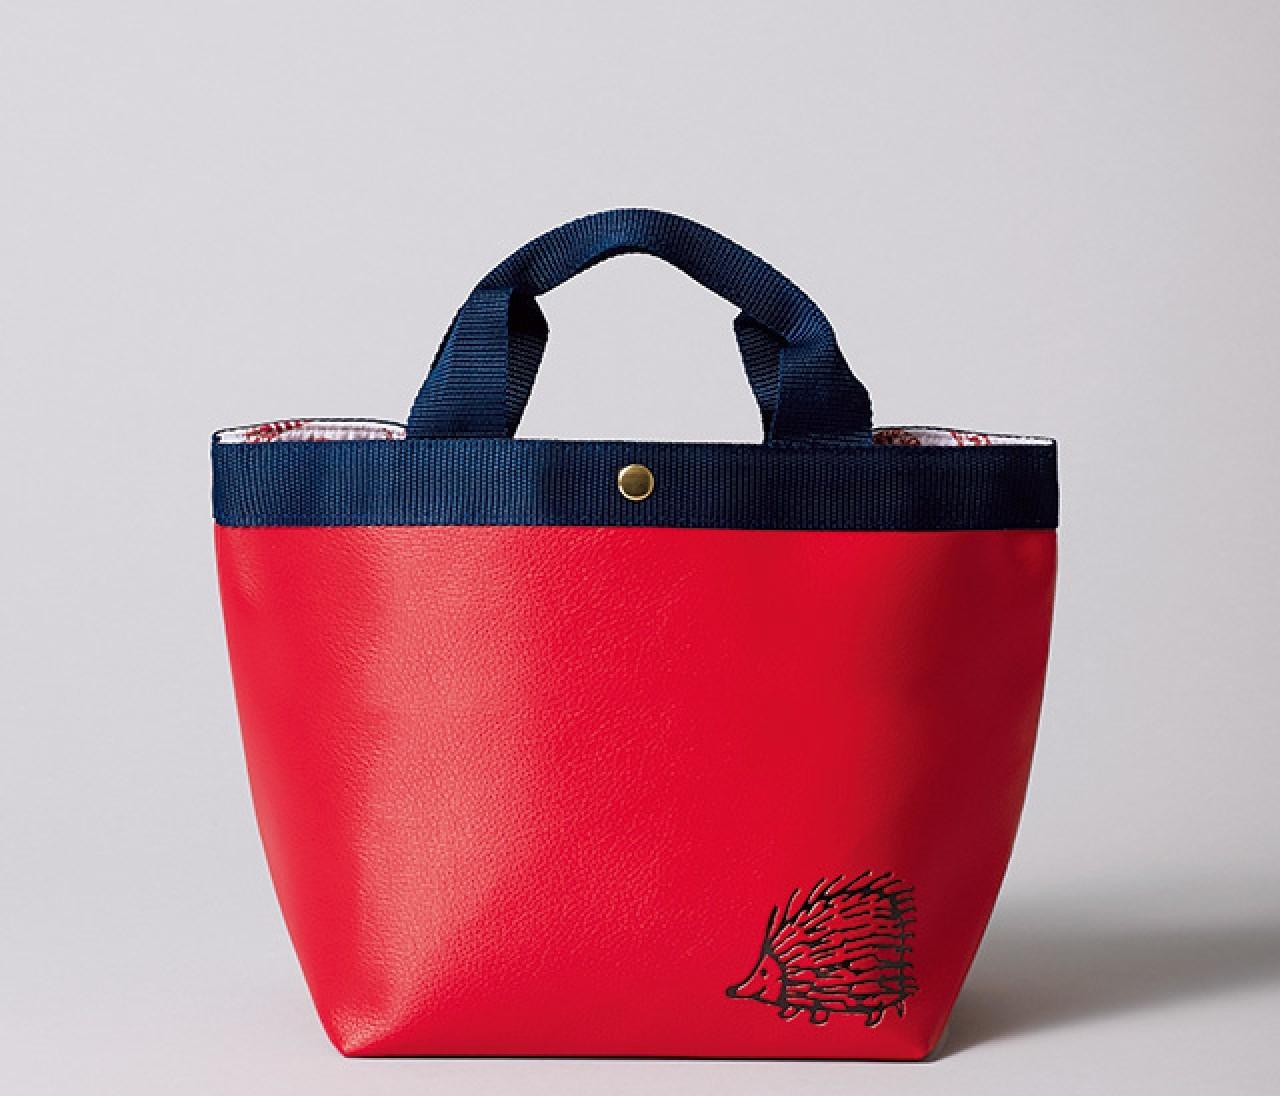 【はりねずみ動画】BAILA10月号特別付録は「リサ・ラーソン」のトートバッグ。ハリネズミくんも動画で共演!